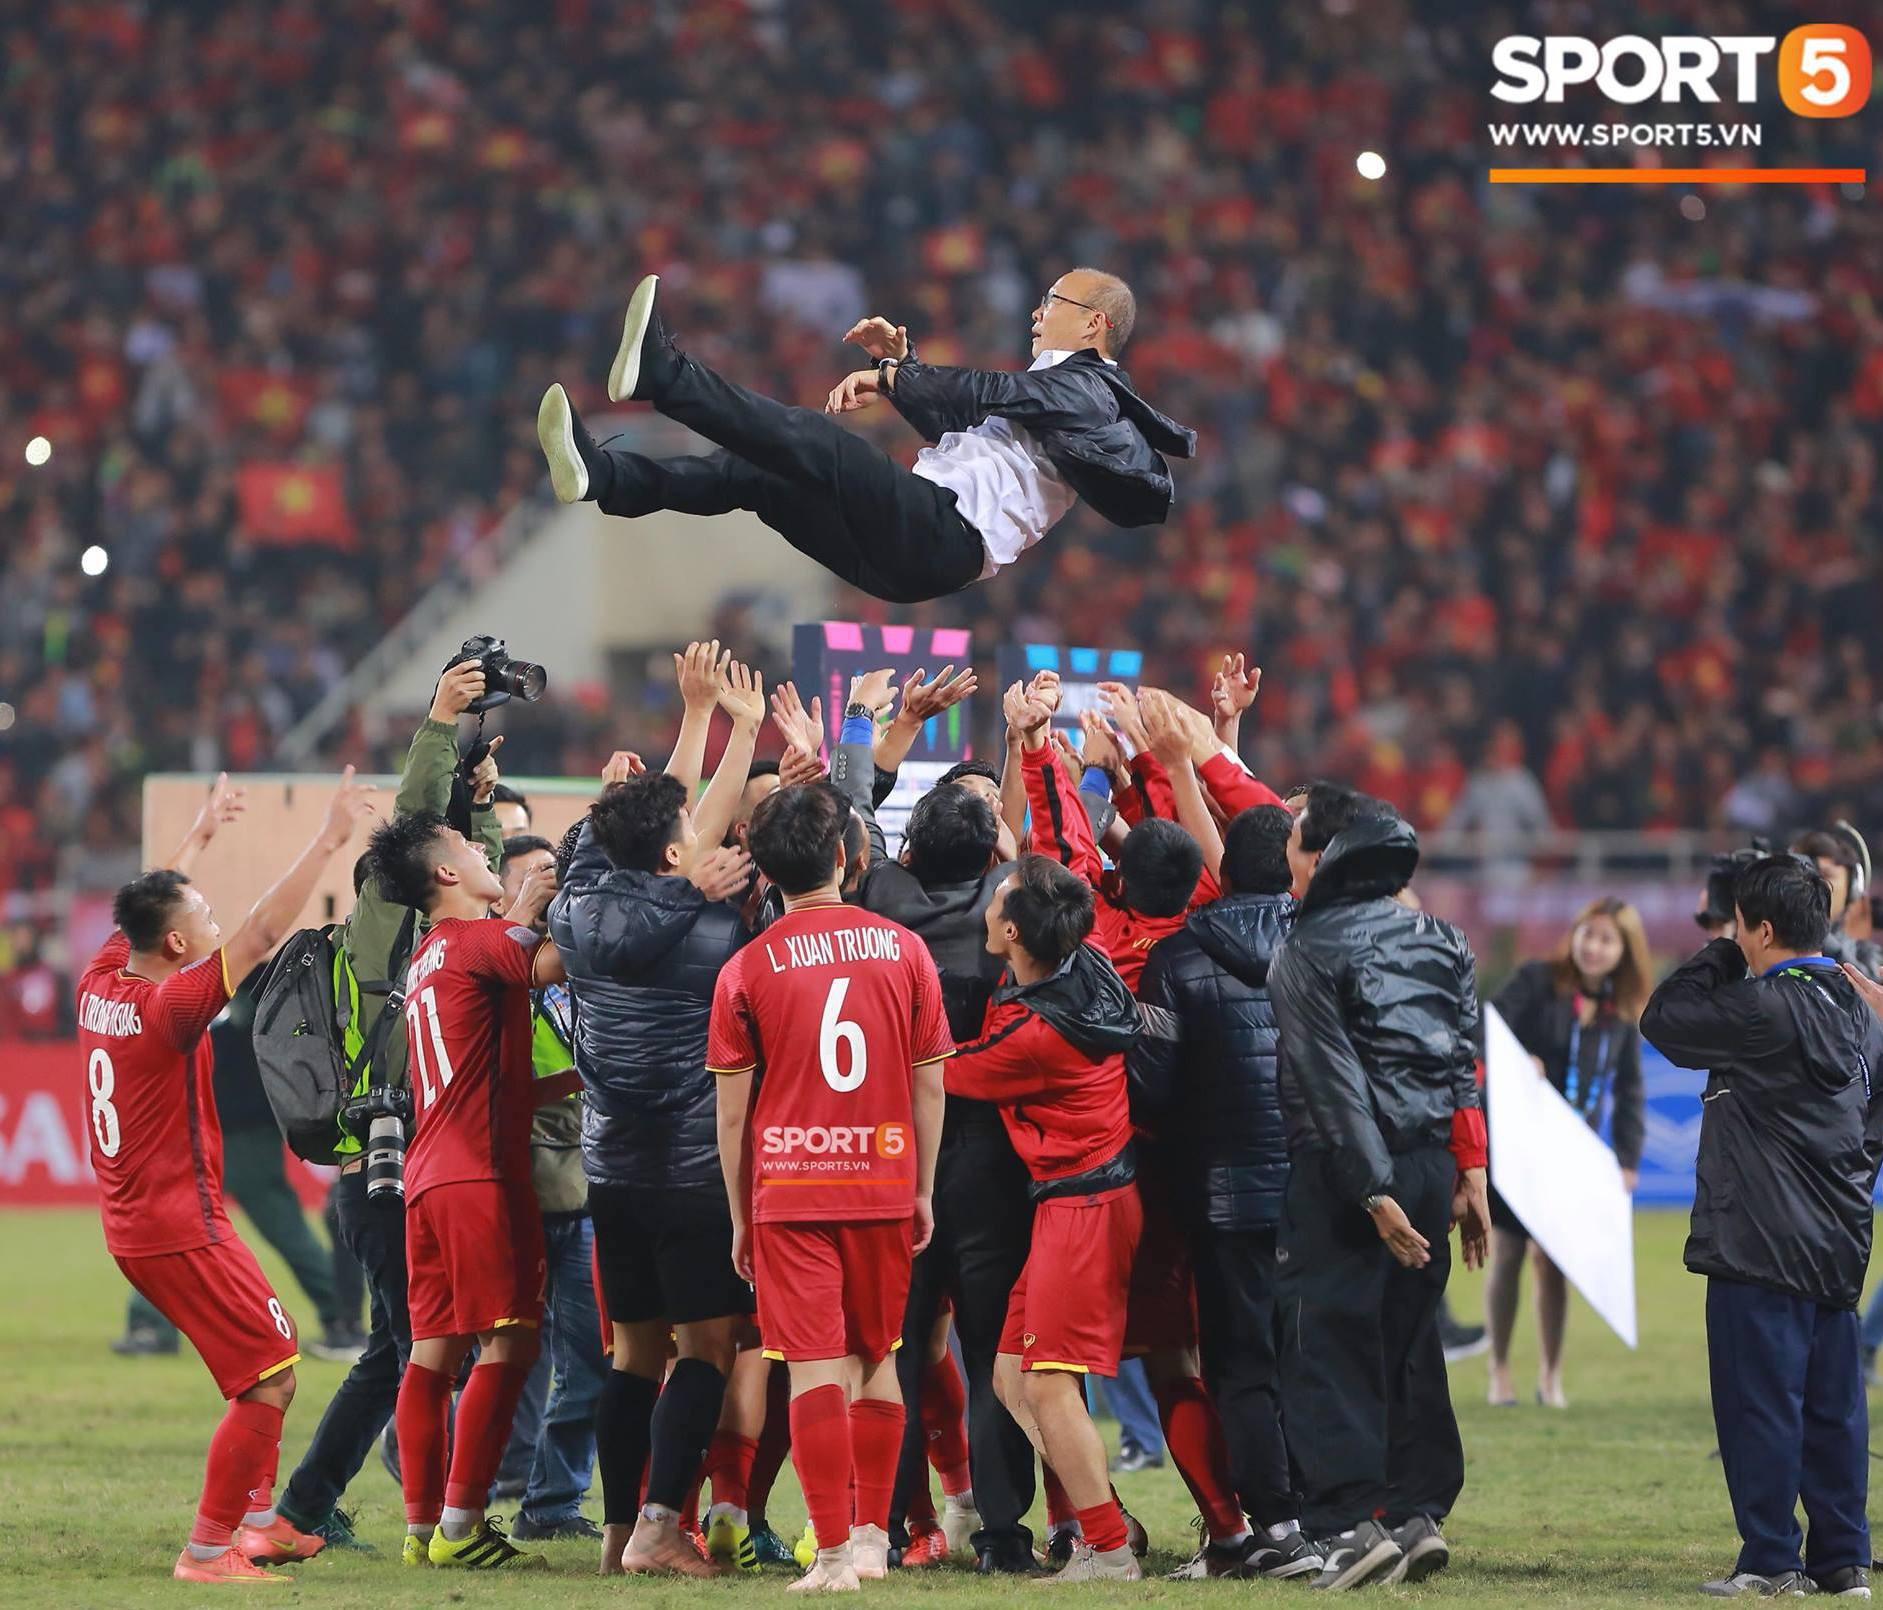 AFF Cup 2018 đã kết thúc, Việt Nam đã chiến thắng, và 10 khoảnh khắc đẹp nhất sẽ mãi lưu trong lòng người Việt-1